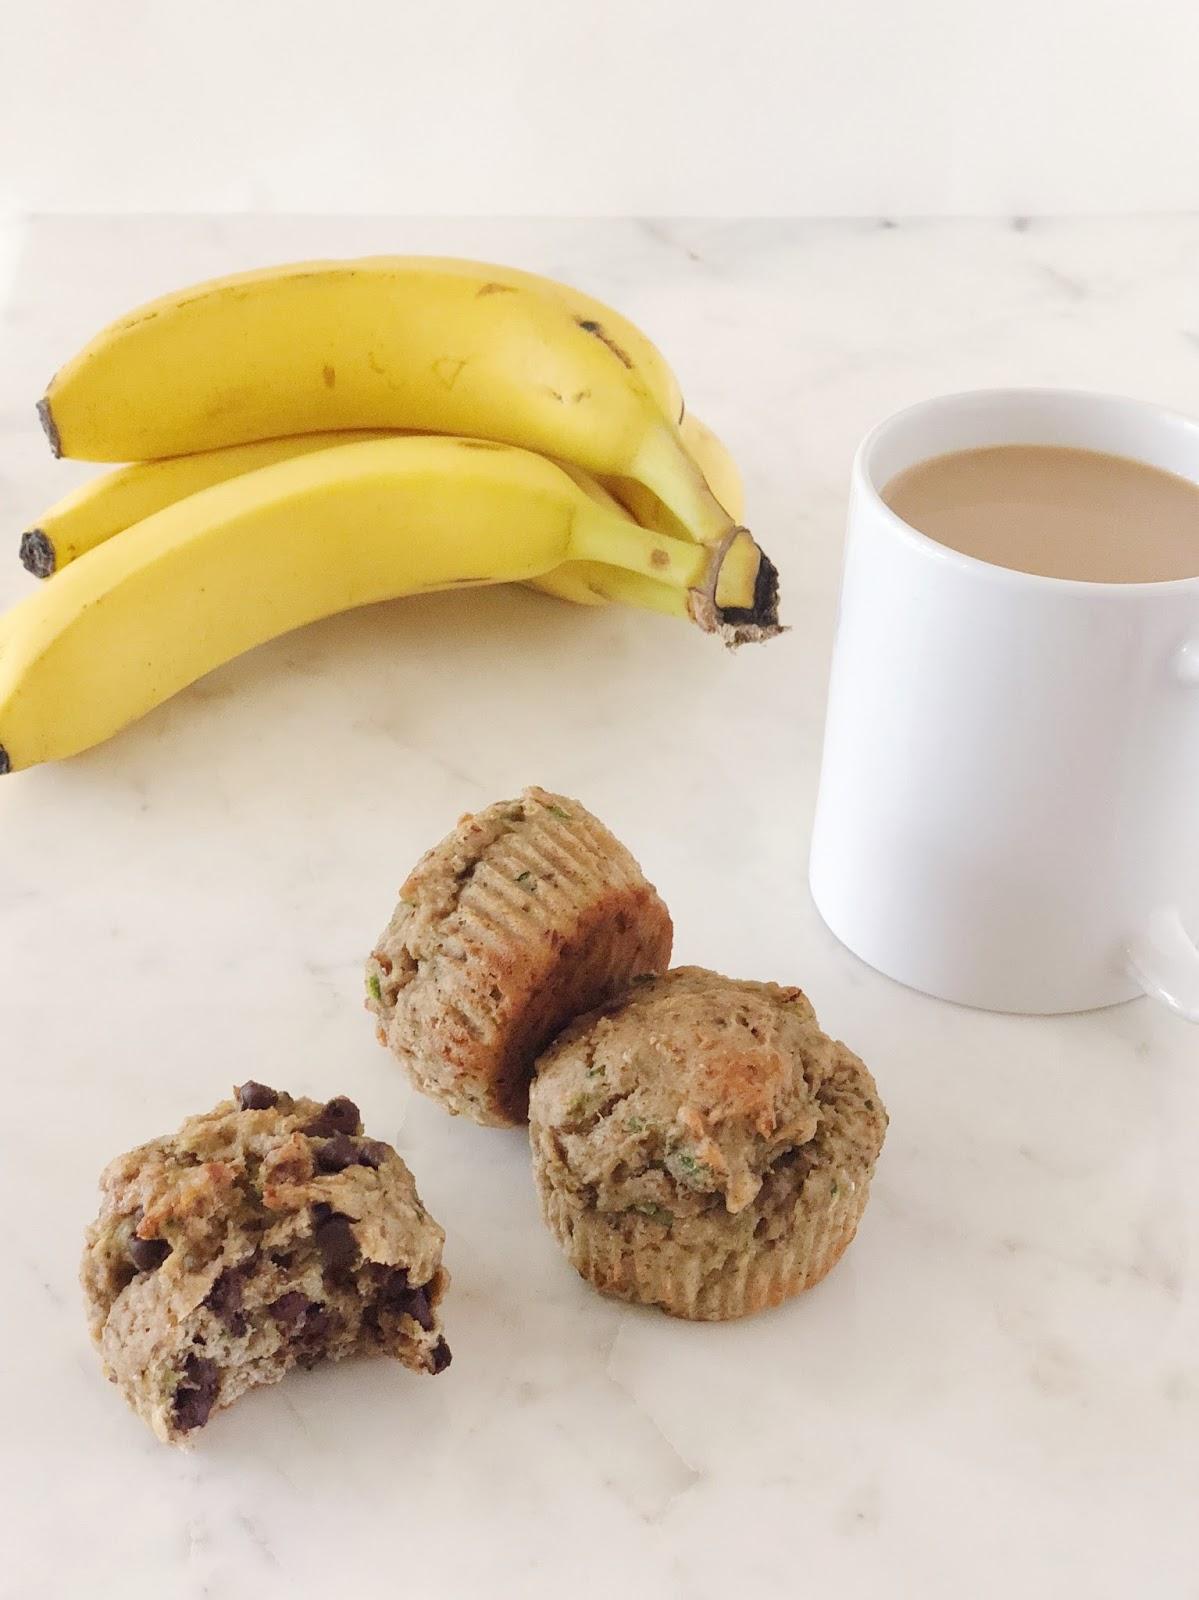 Chocolate chip banana zucchini muffins